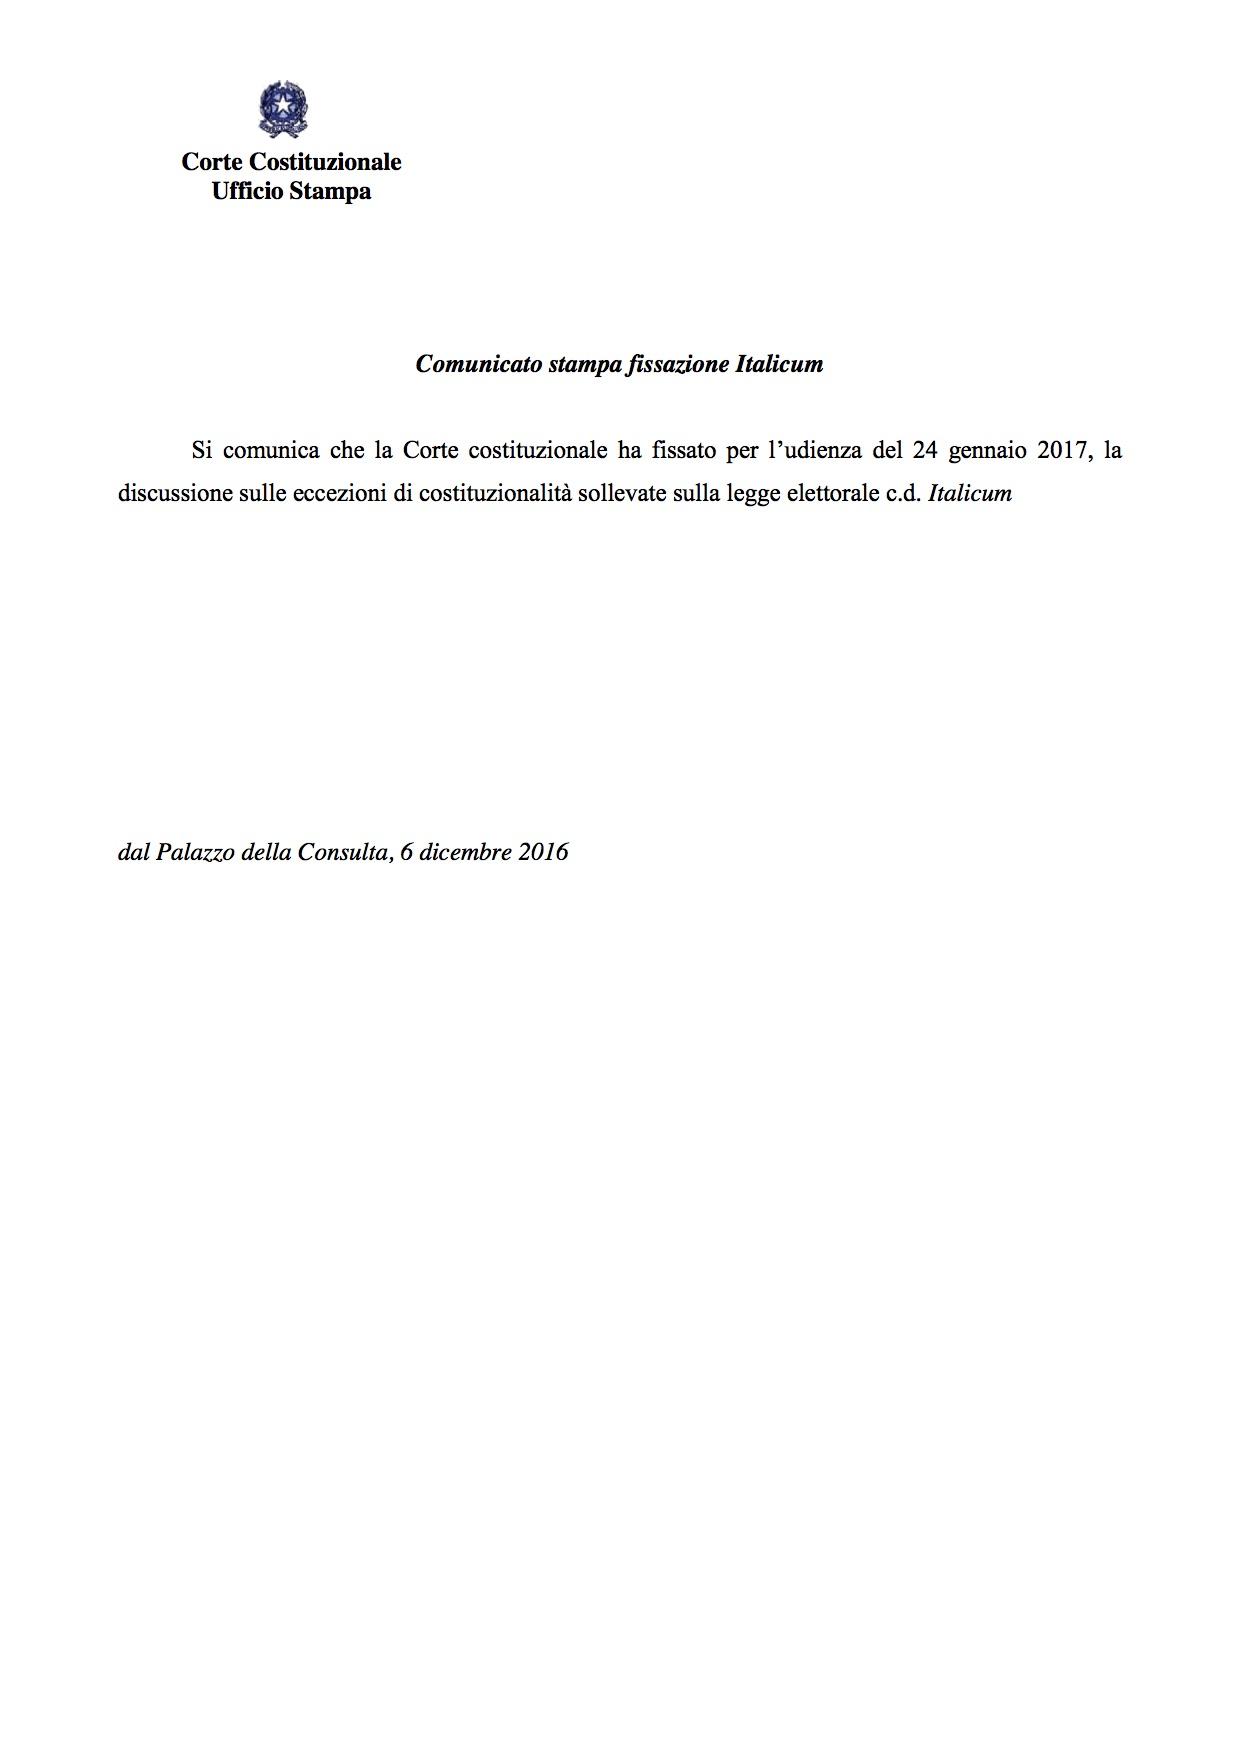 udienzaitalicum